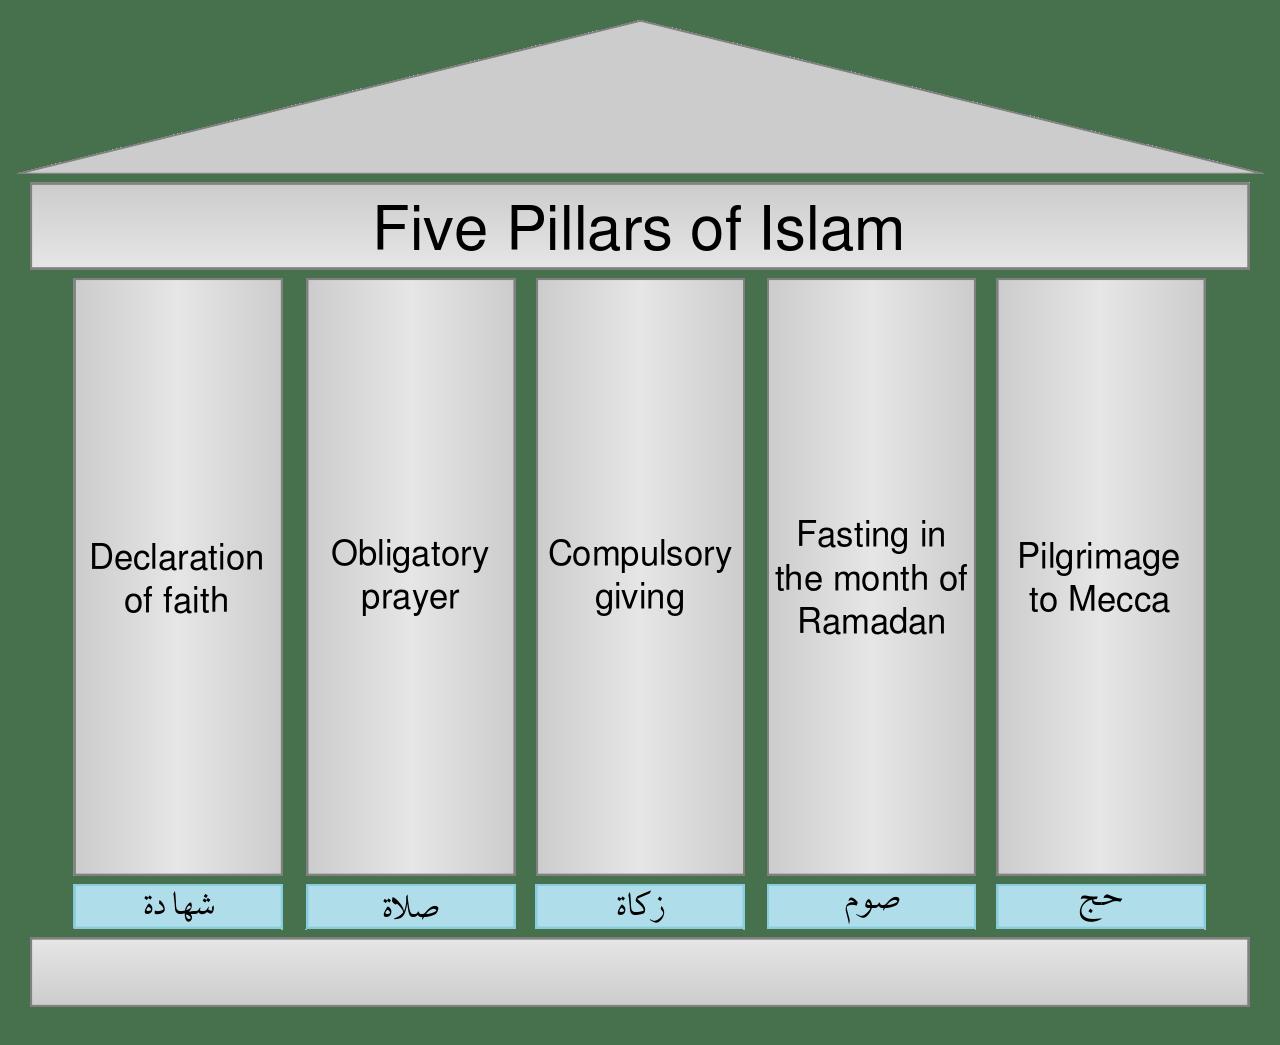 Traveling during Ramadan 2019